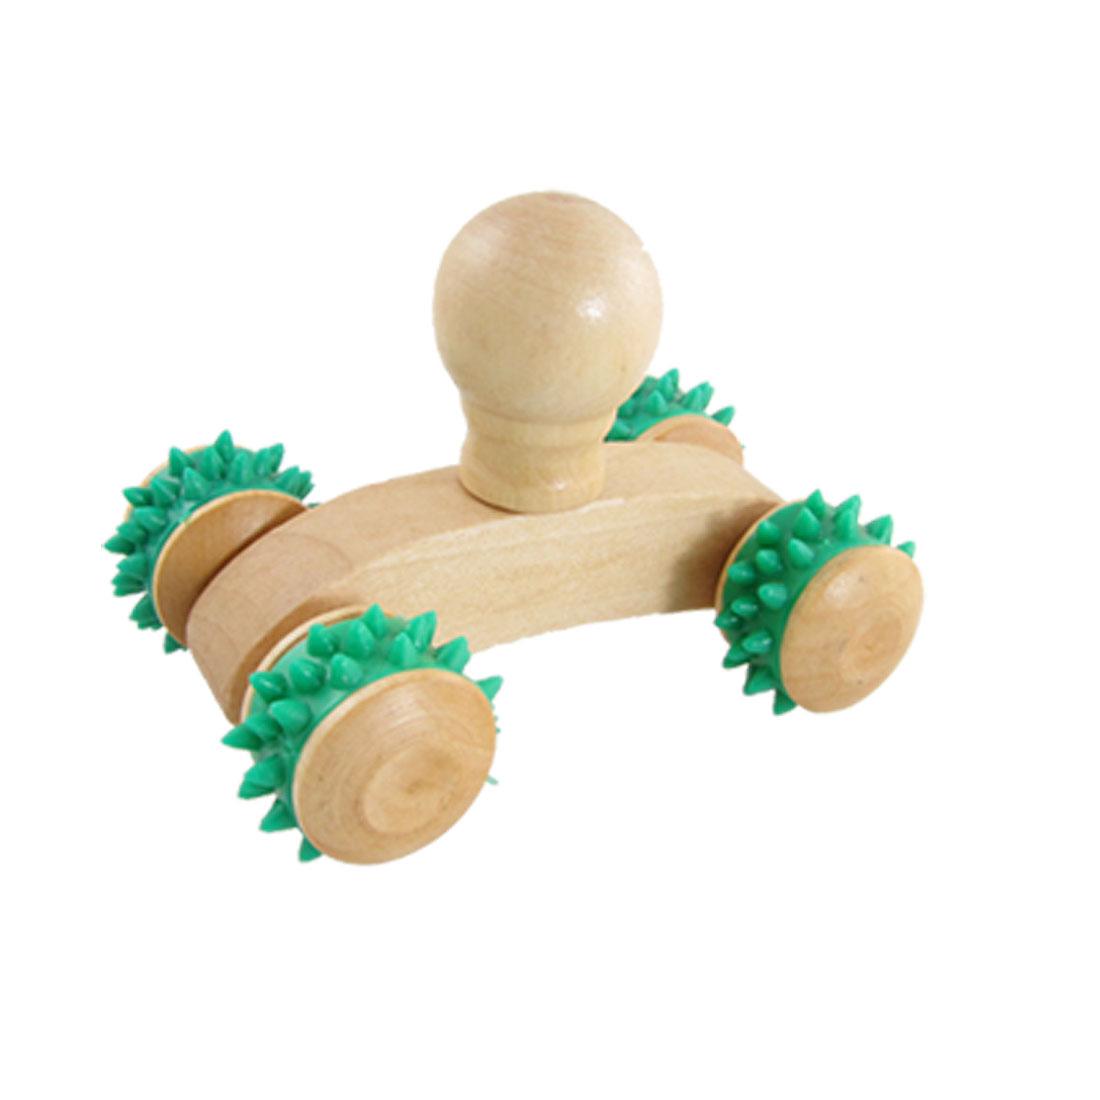 Wooden 4 Rubber Wheels Massage Roller Body Hands Arms Legs Massager